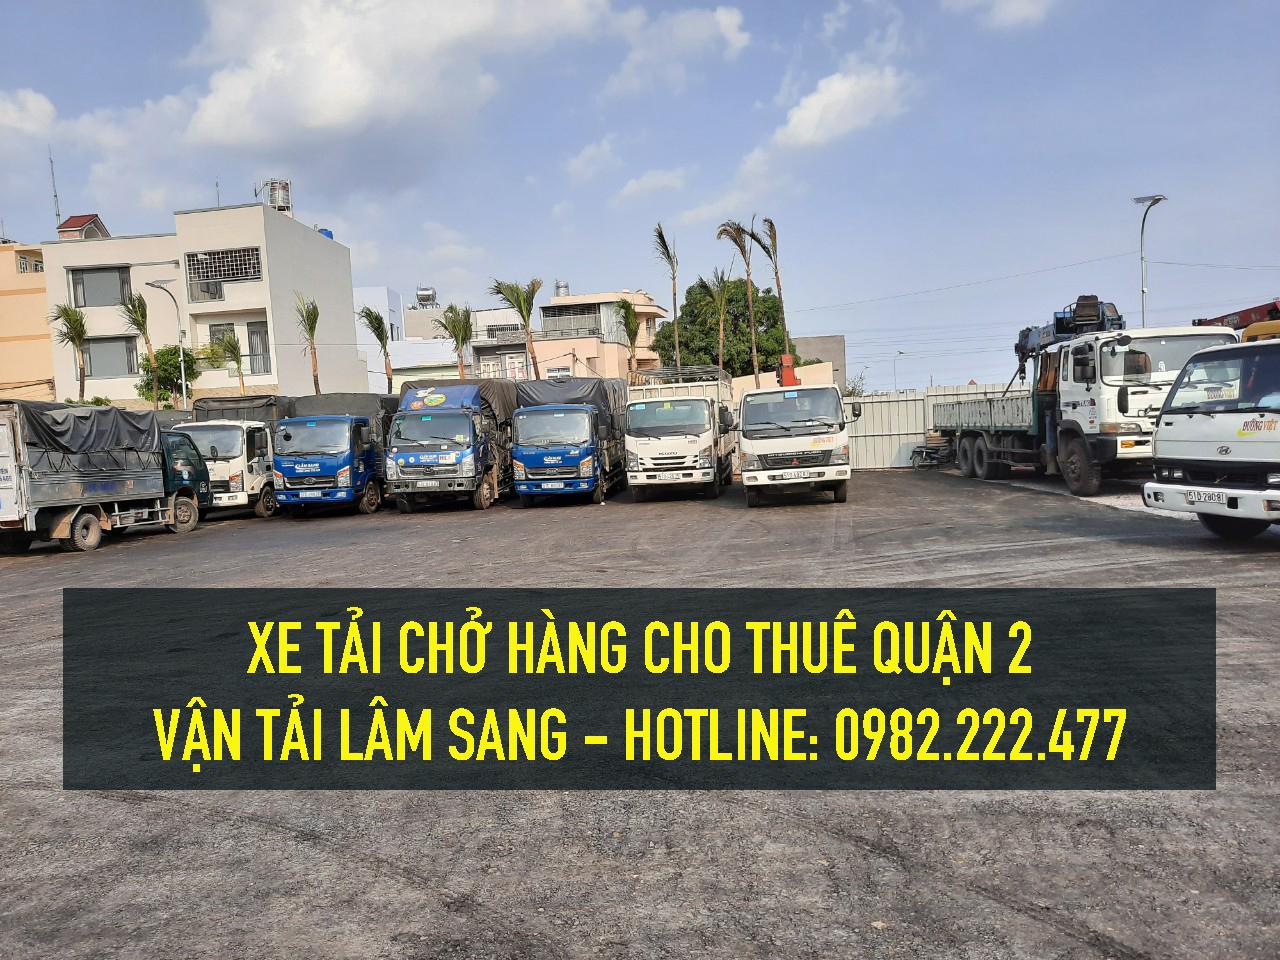 Cho thuê xe tải nhỏ chở hàng giá rẻ tại Quận 2 – Công ty vận tải Lâm Sang